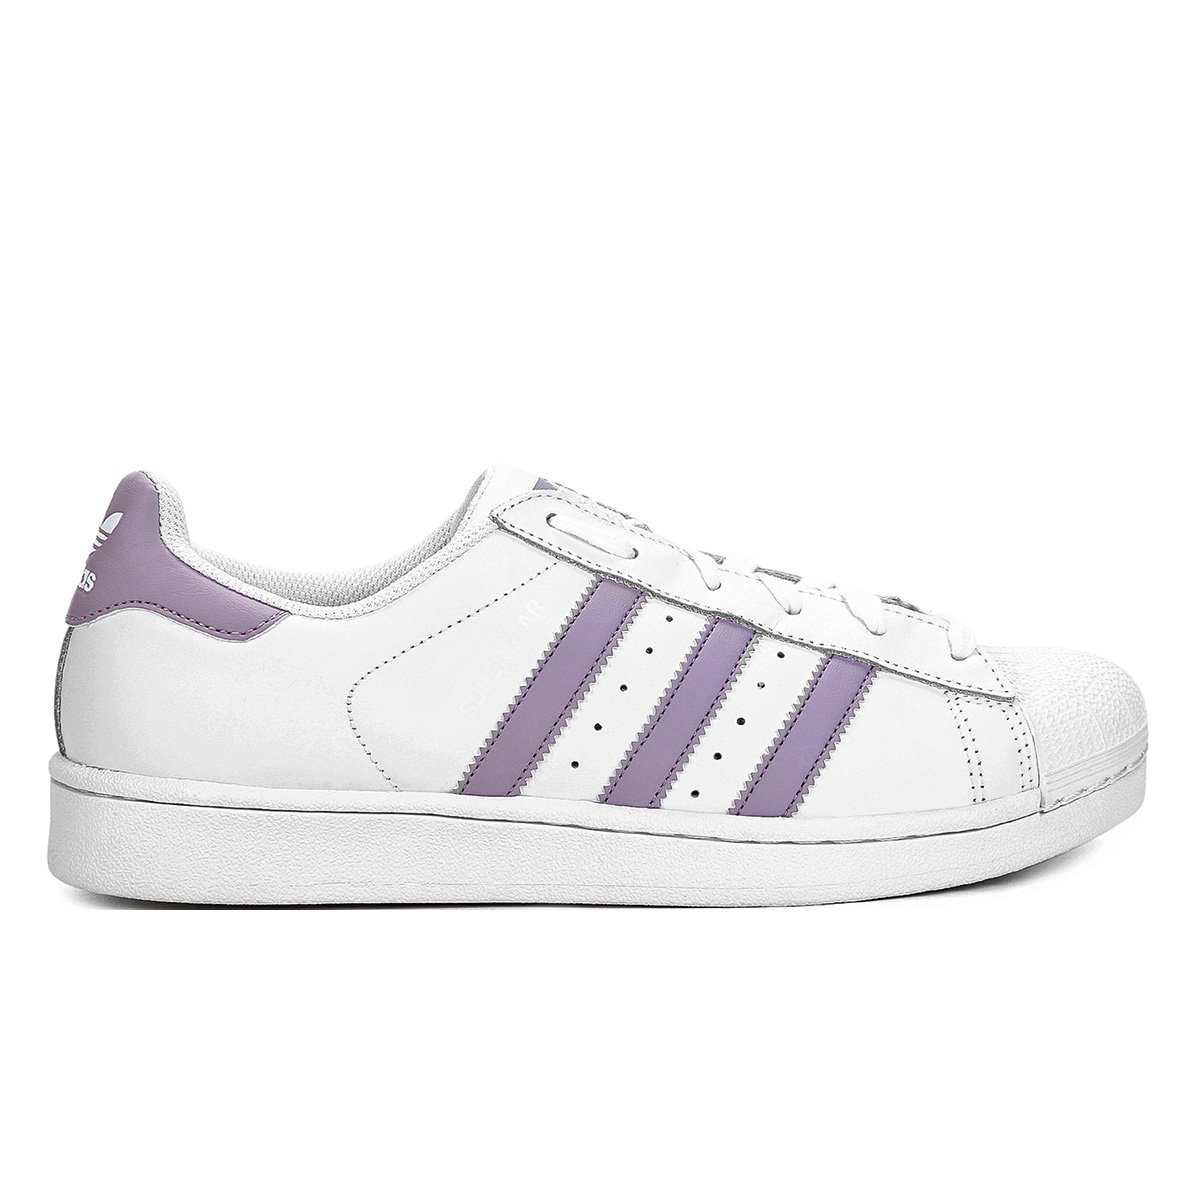 4c0f14a85d9 Tênis Adidas Superstar - Compre Agora